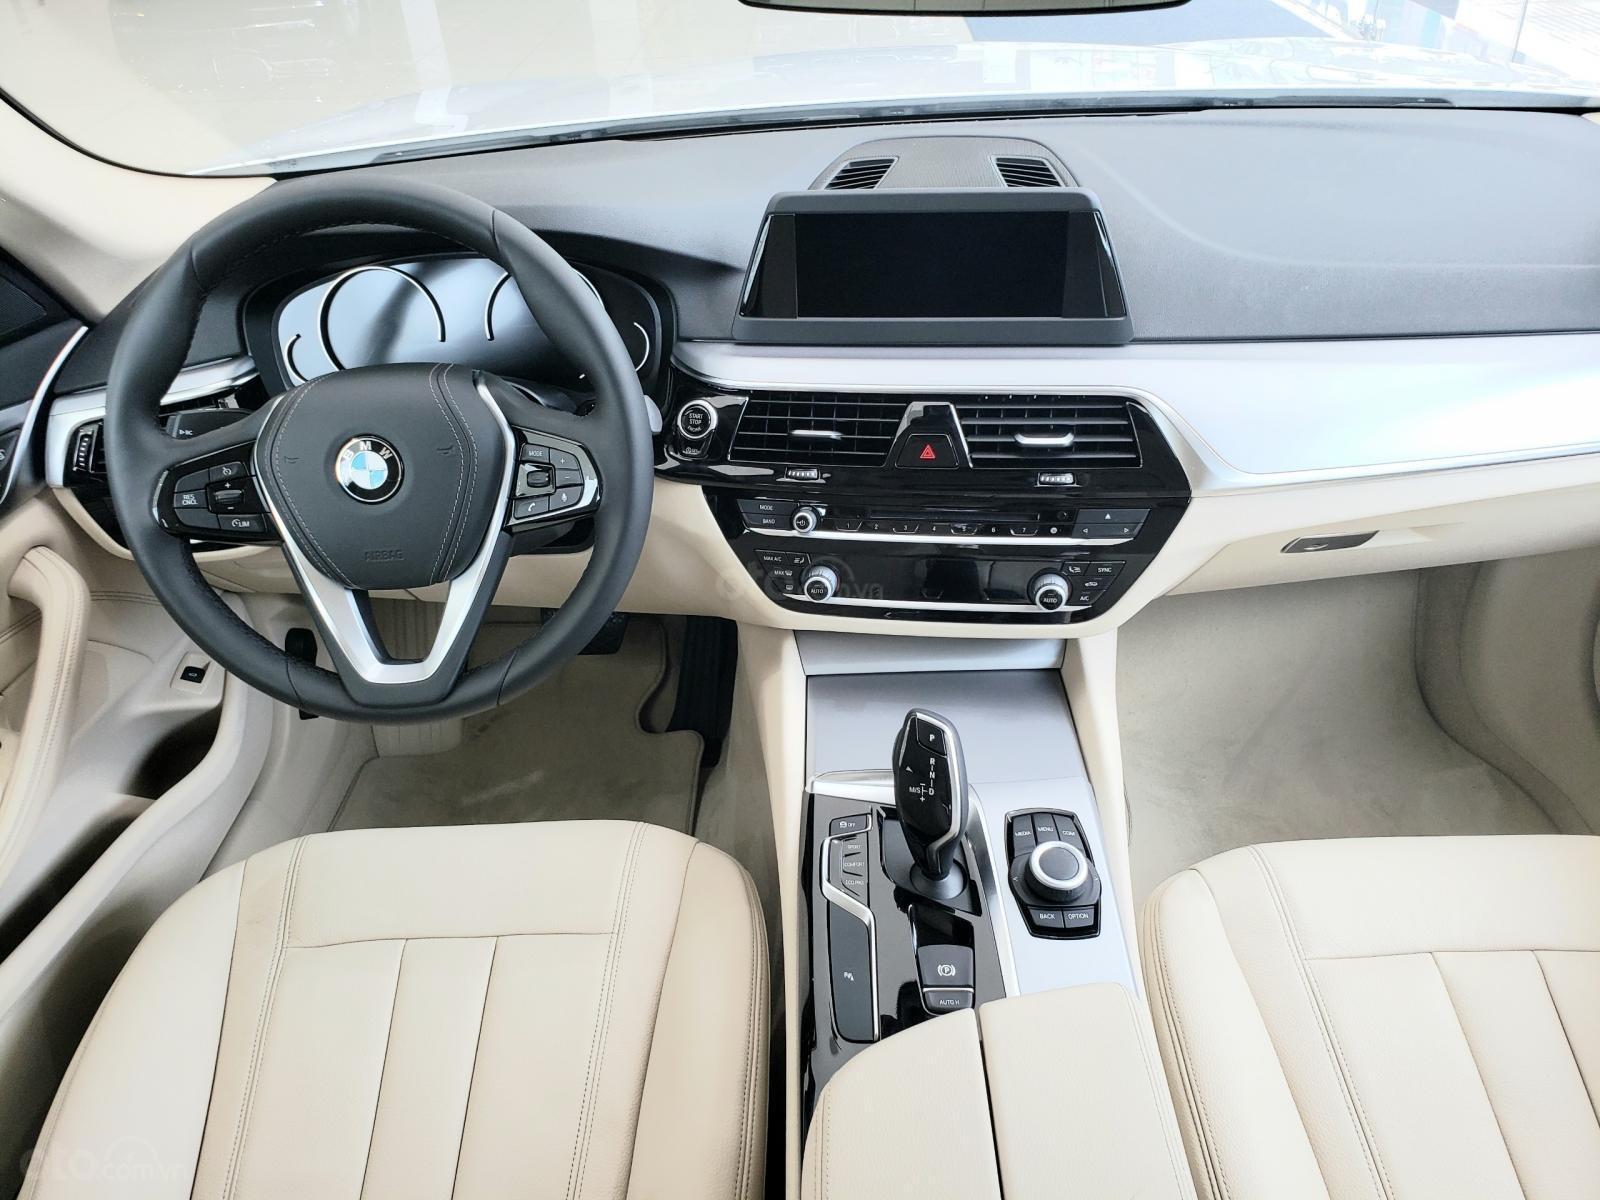 BMW Phú Nhuận - Khuyến mại giảm giá sốc chiếc xe BMW 5 Series 520i - 2019 (7)